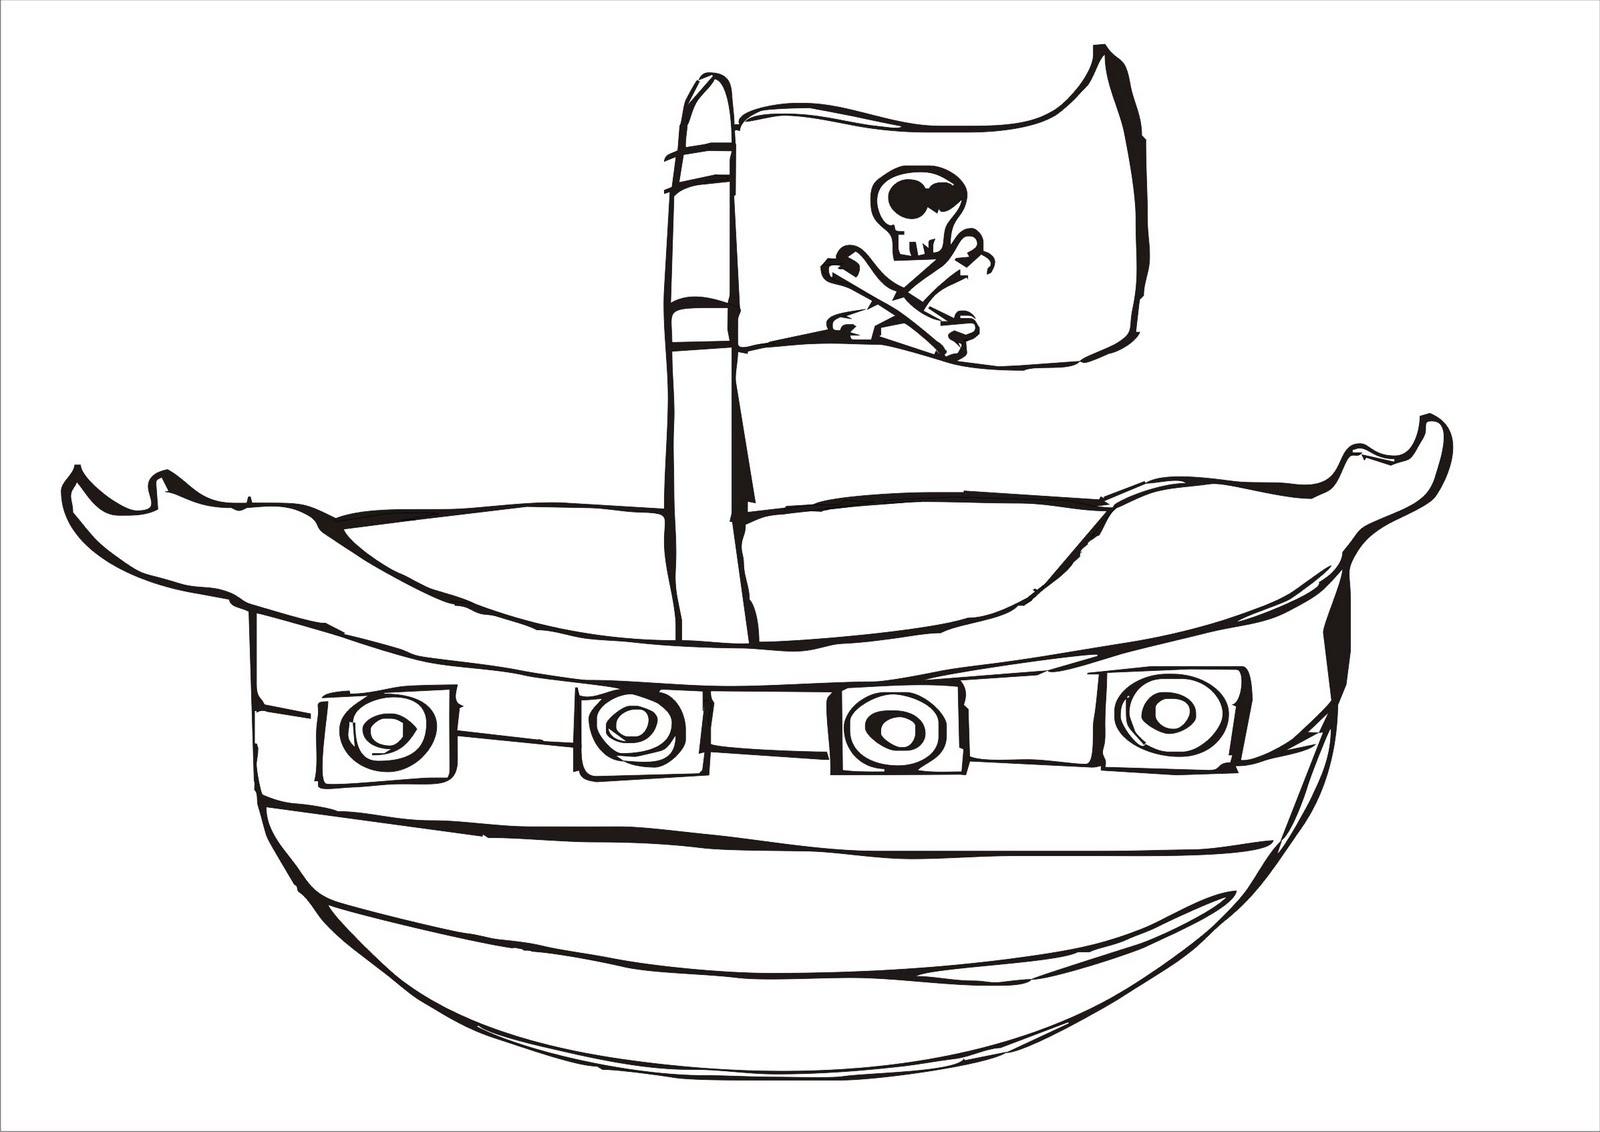 Desenhos Para Colorir: Desenho Para Colorir De Barco